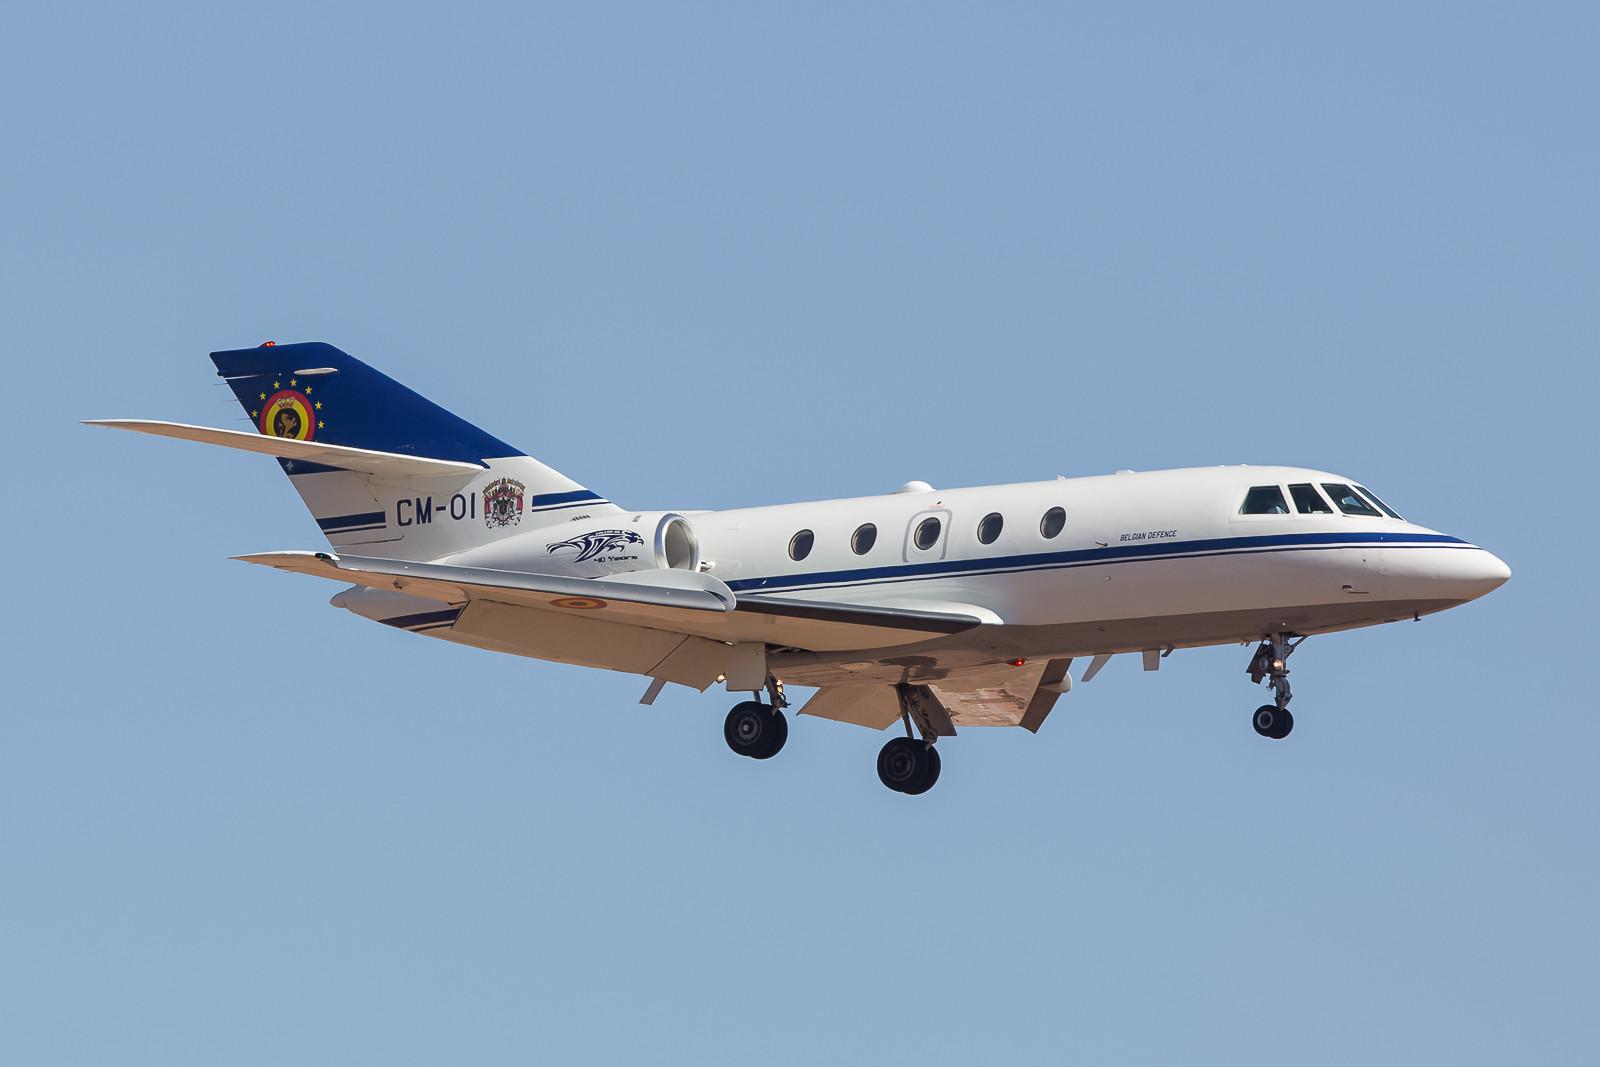 Ankunft der Delegation aus Belgien mit einer schönen alten Falcon 20.